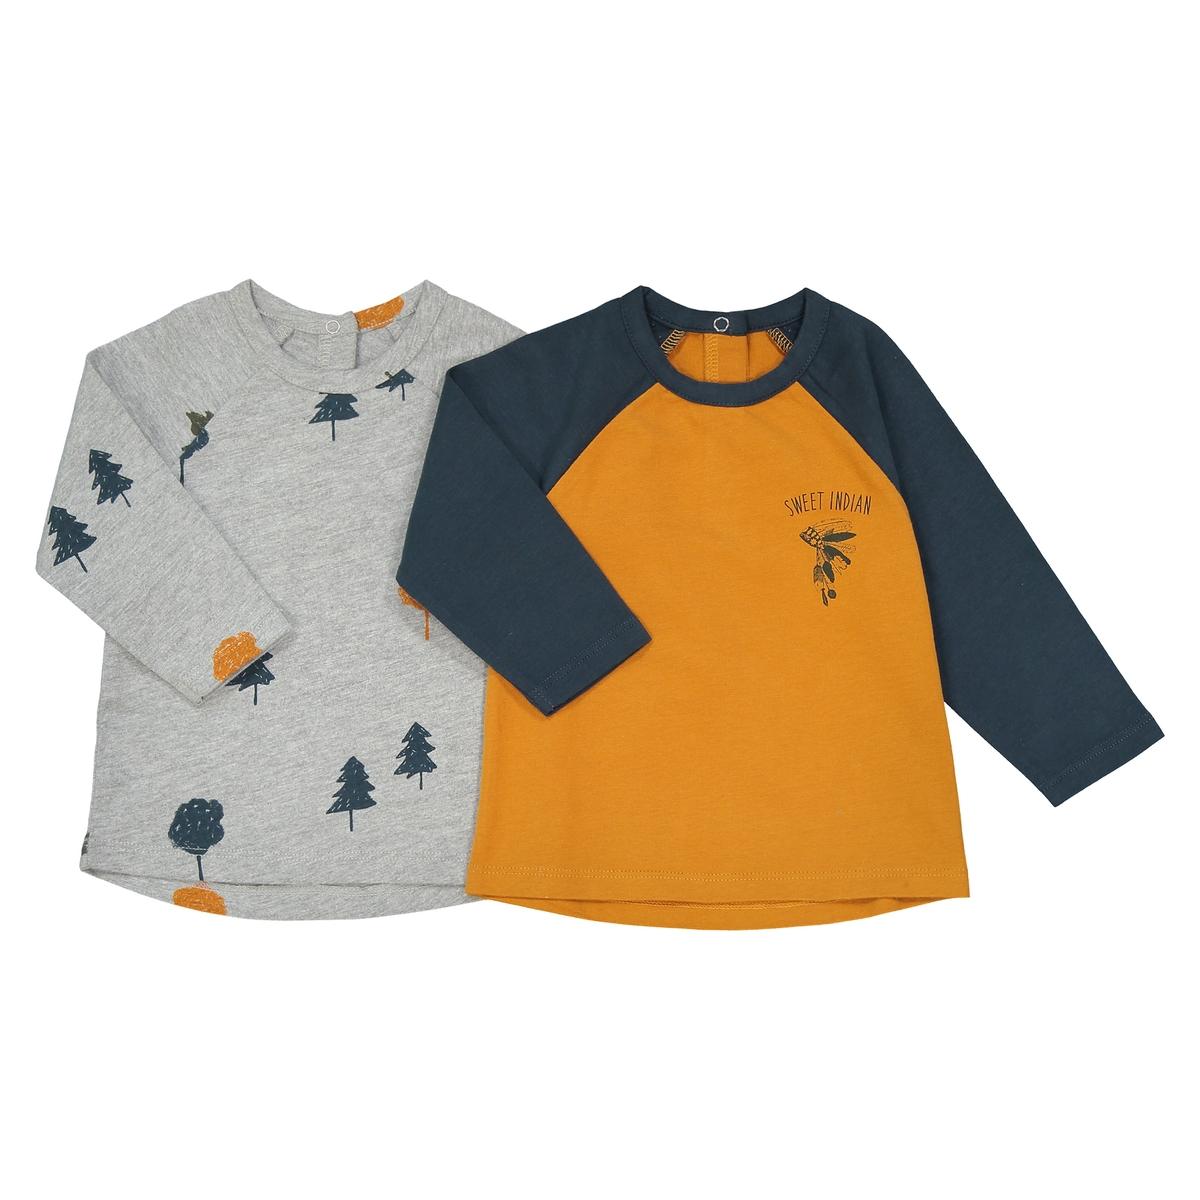 Комплект из 2 футболок с длинными рукавами, 1 мес. - 3 года комплект из 4 футболок 1 мес 3 года oeko tex